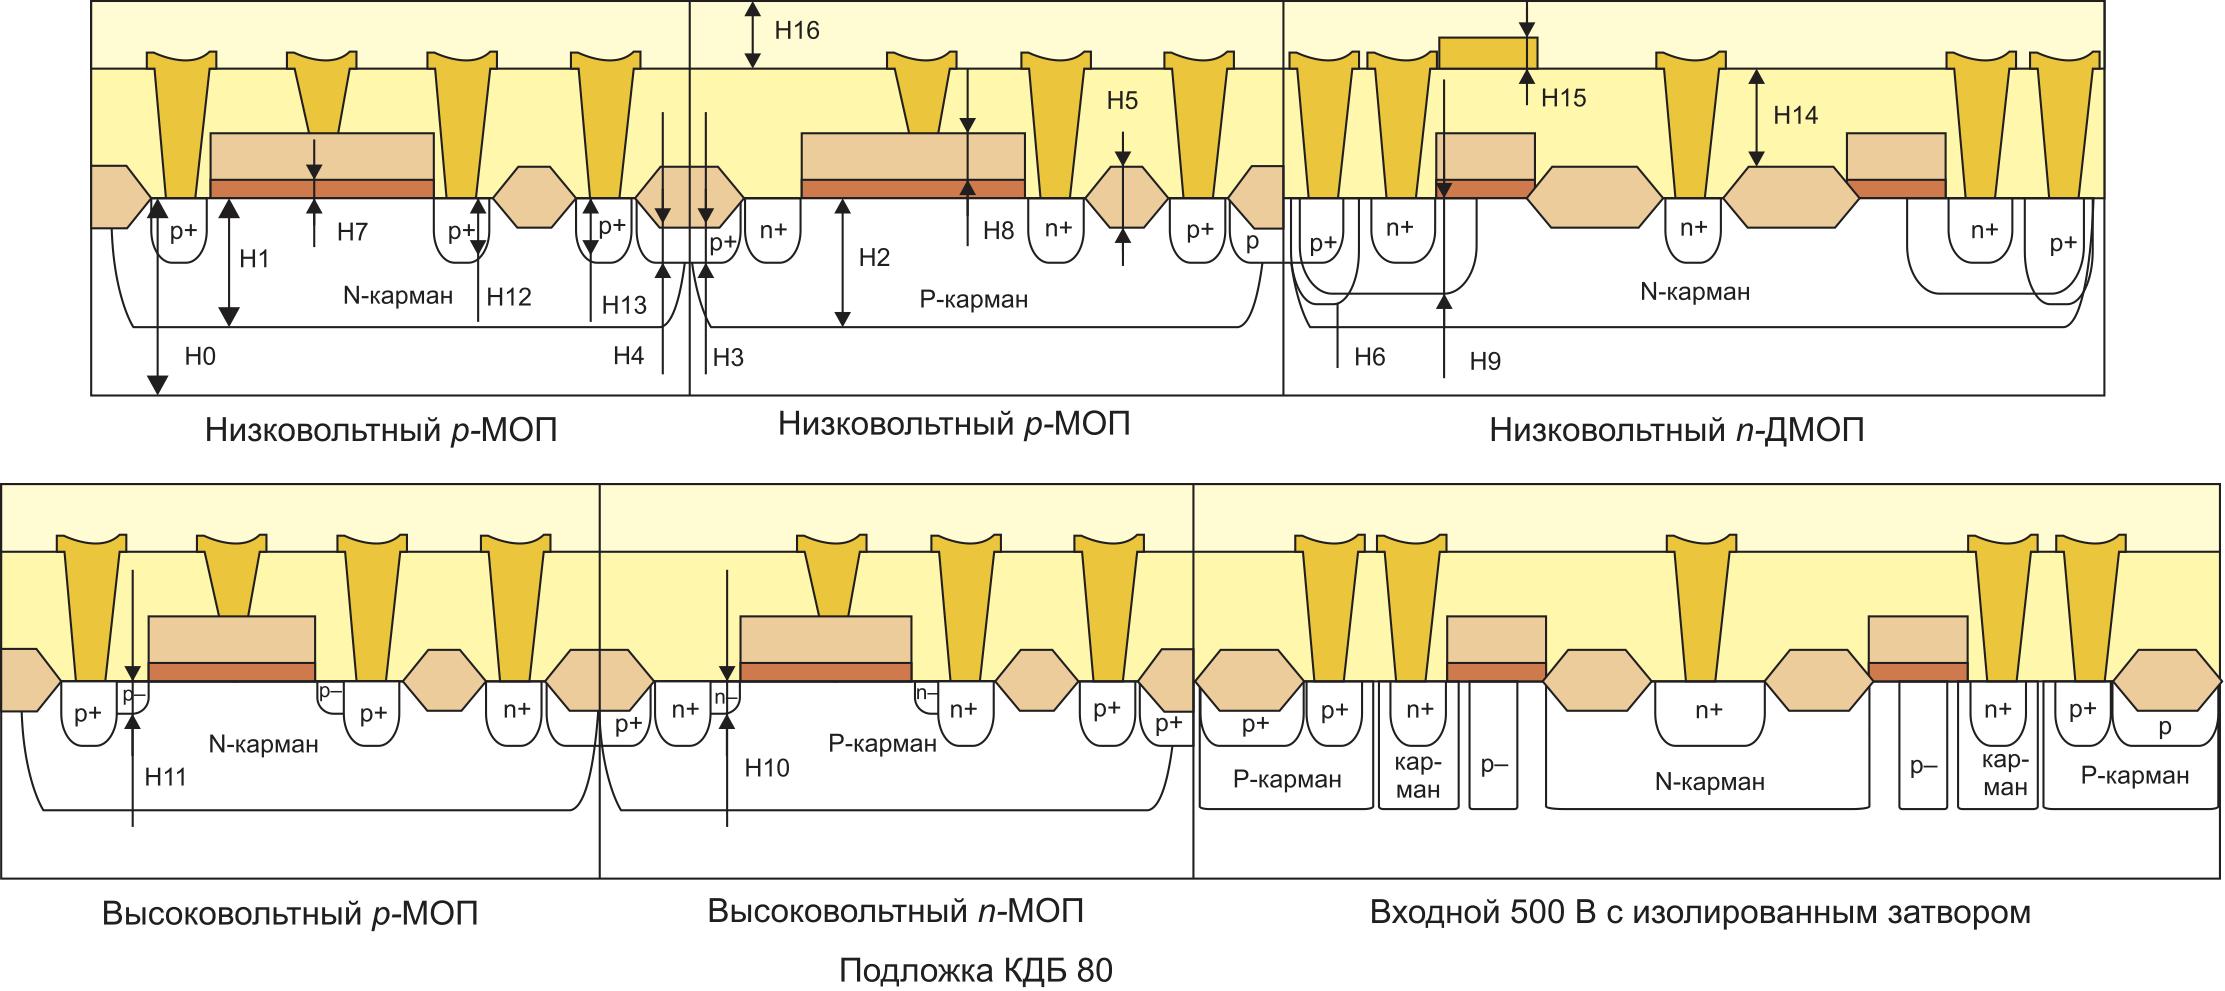 Типовая структура элементной базы, изготовленной по КДМОП-технологии (500 В) без эпитаксиальной пленки